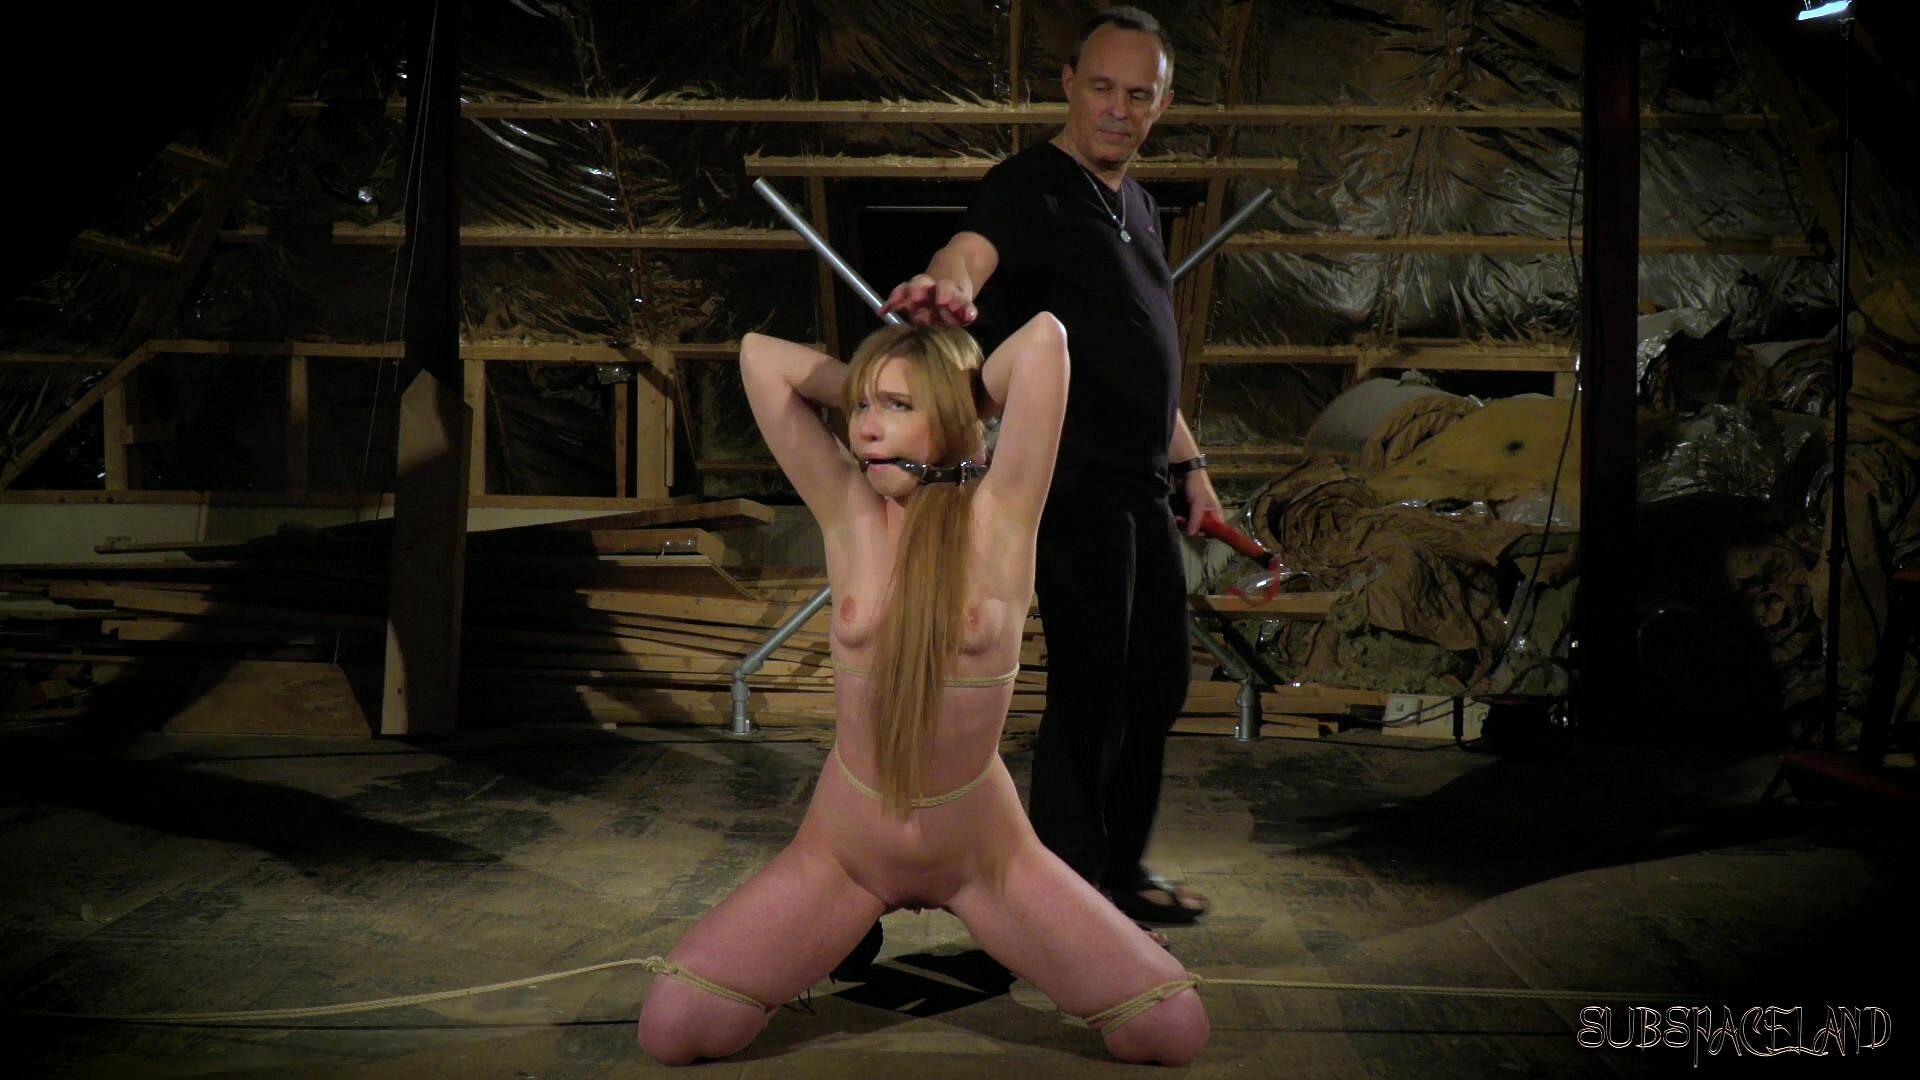 Subspaceland Nicole Brix Mer Bondage Full Photo Yes Porn Pics XXX